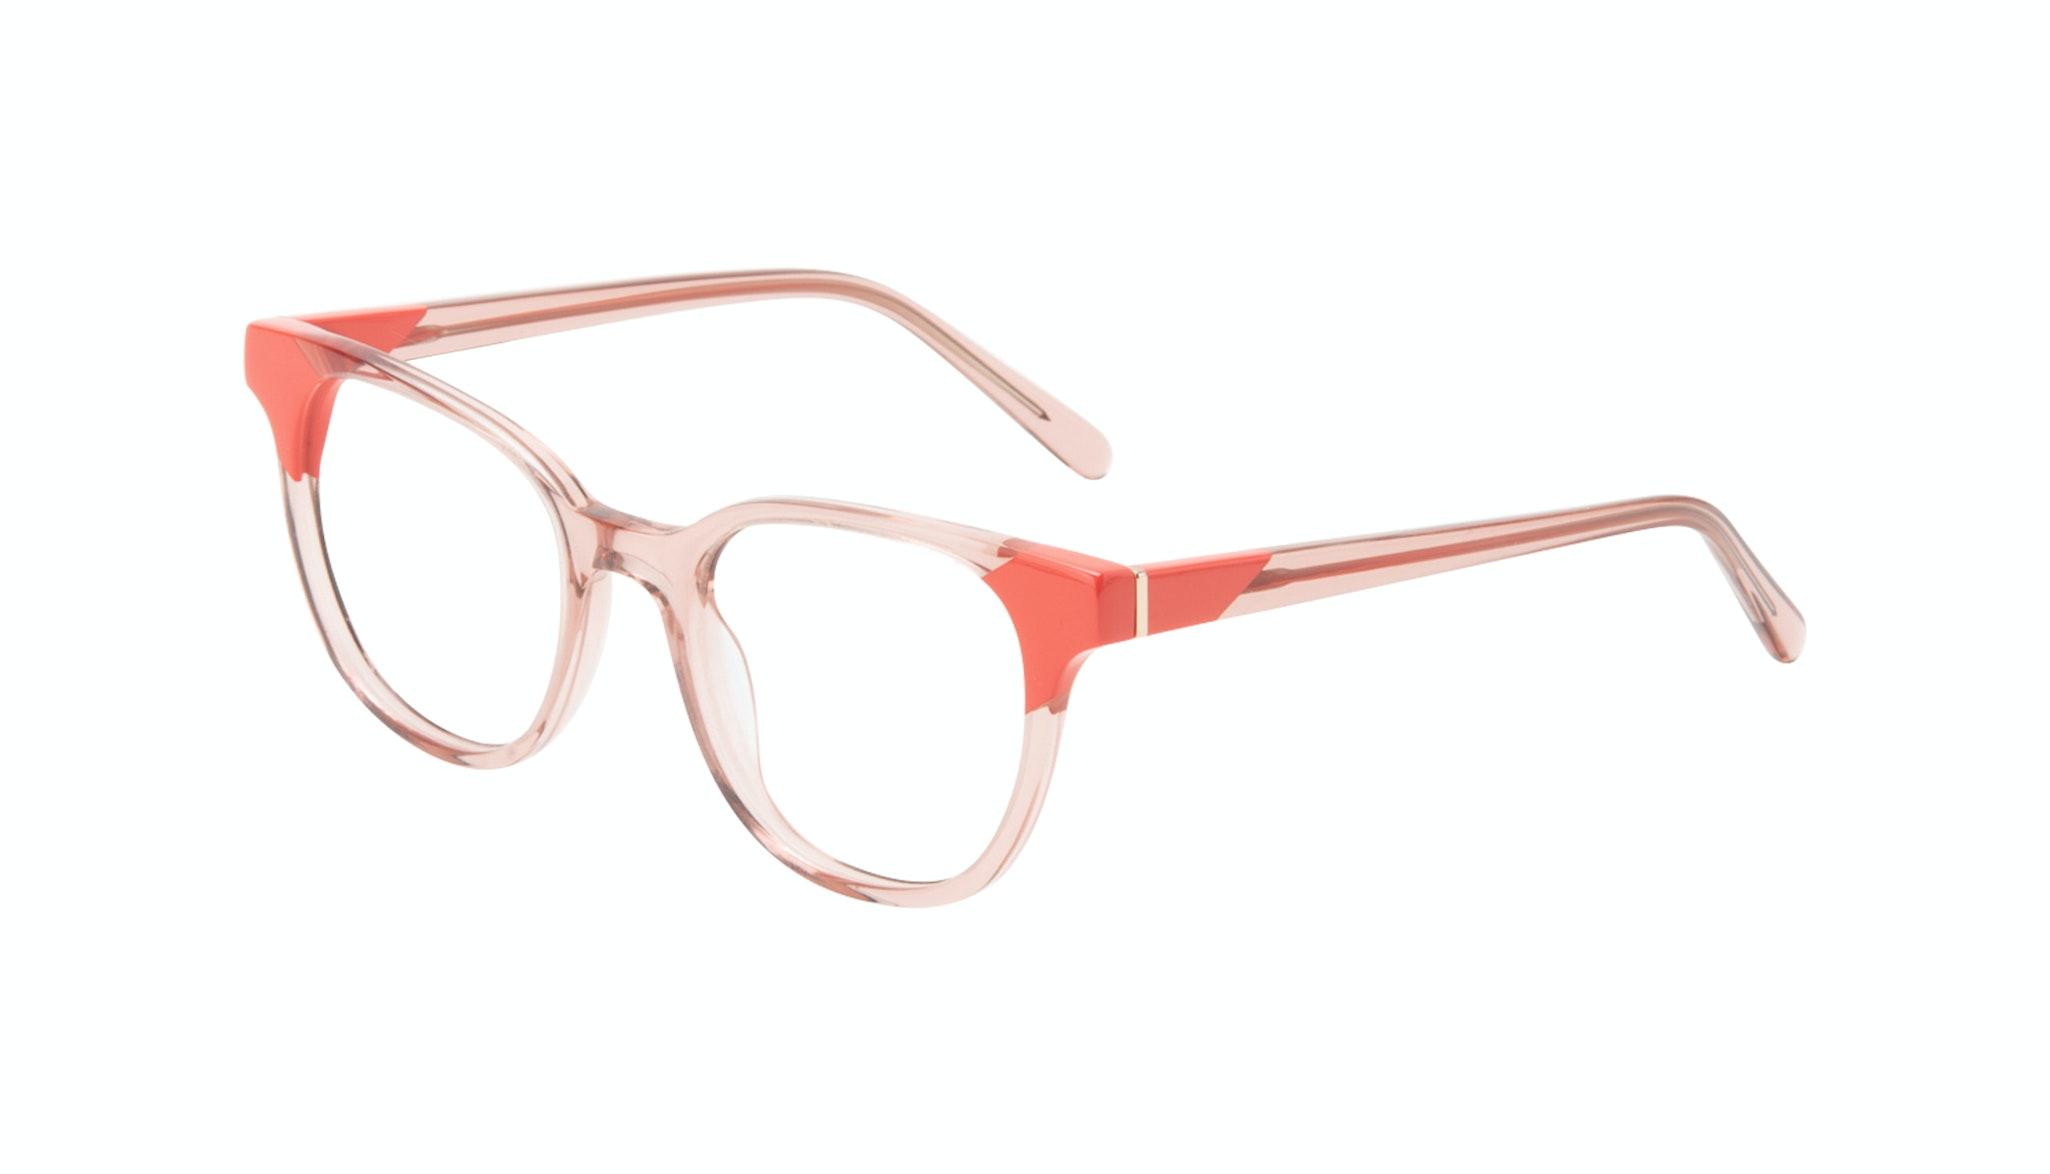 Affordable Fashion Glasses Square Eyeglasses Women Lively Pink Coral Tilt